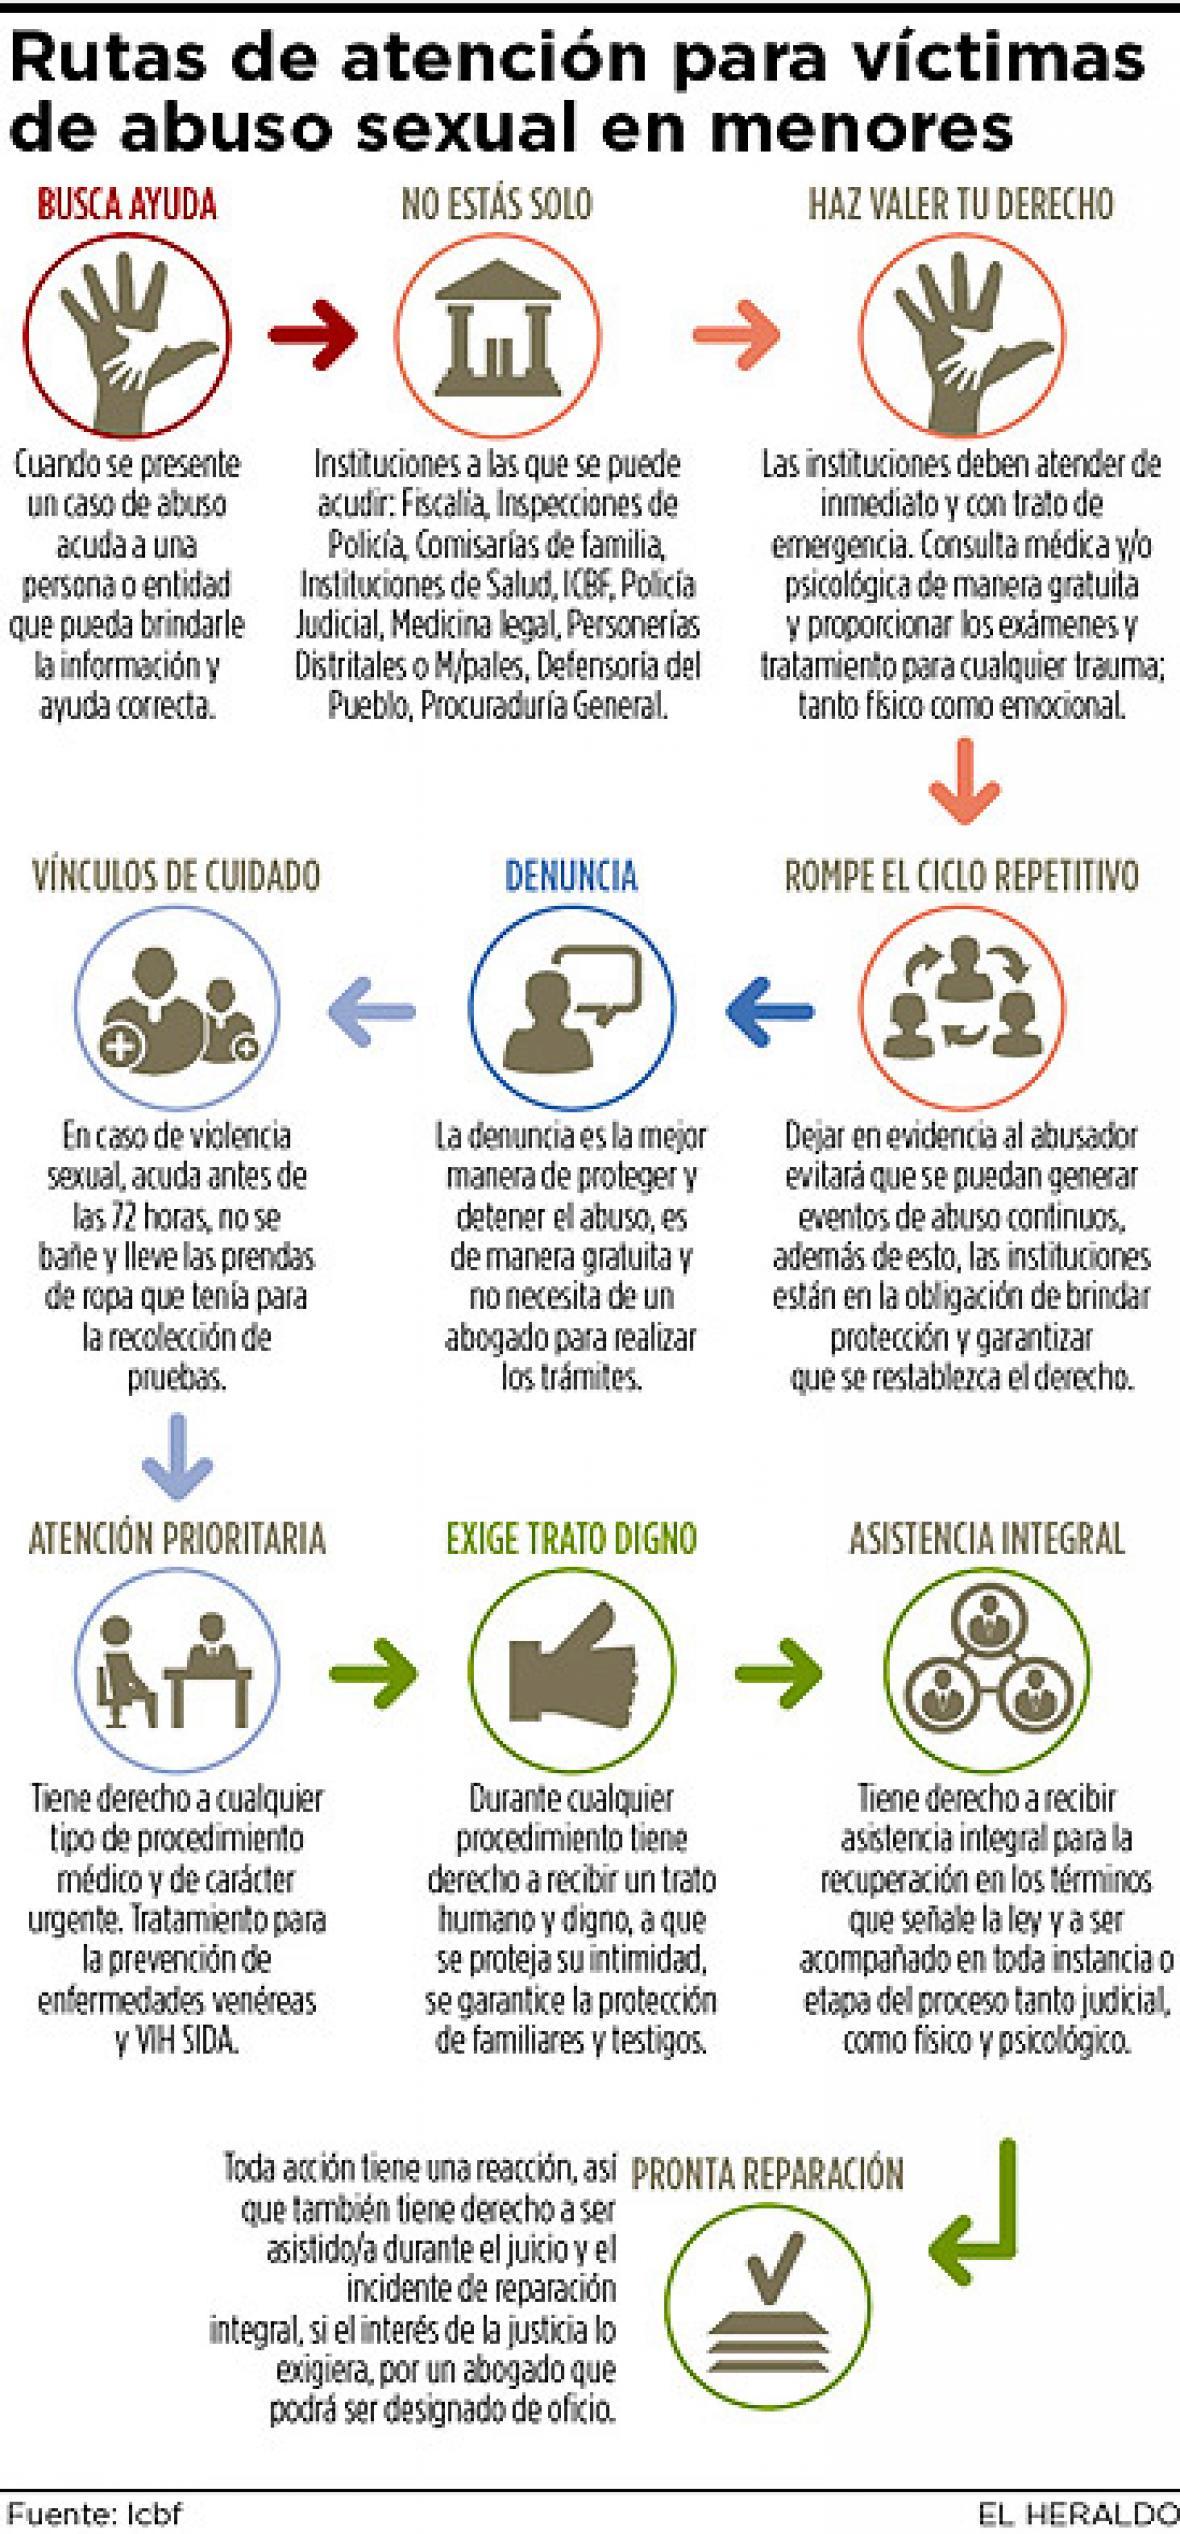 [Imagen: rutas-de-atencion-para-victimas-de-abuso...k=L1TIYBTp]